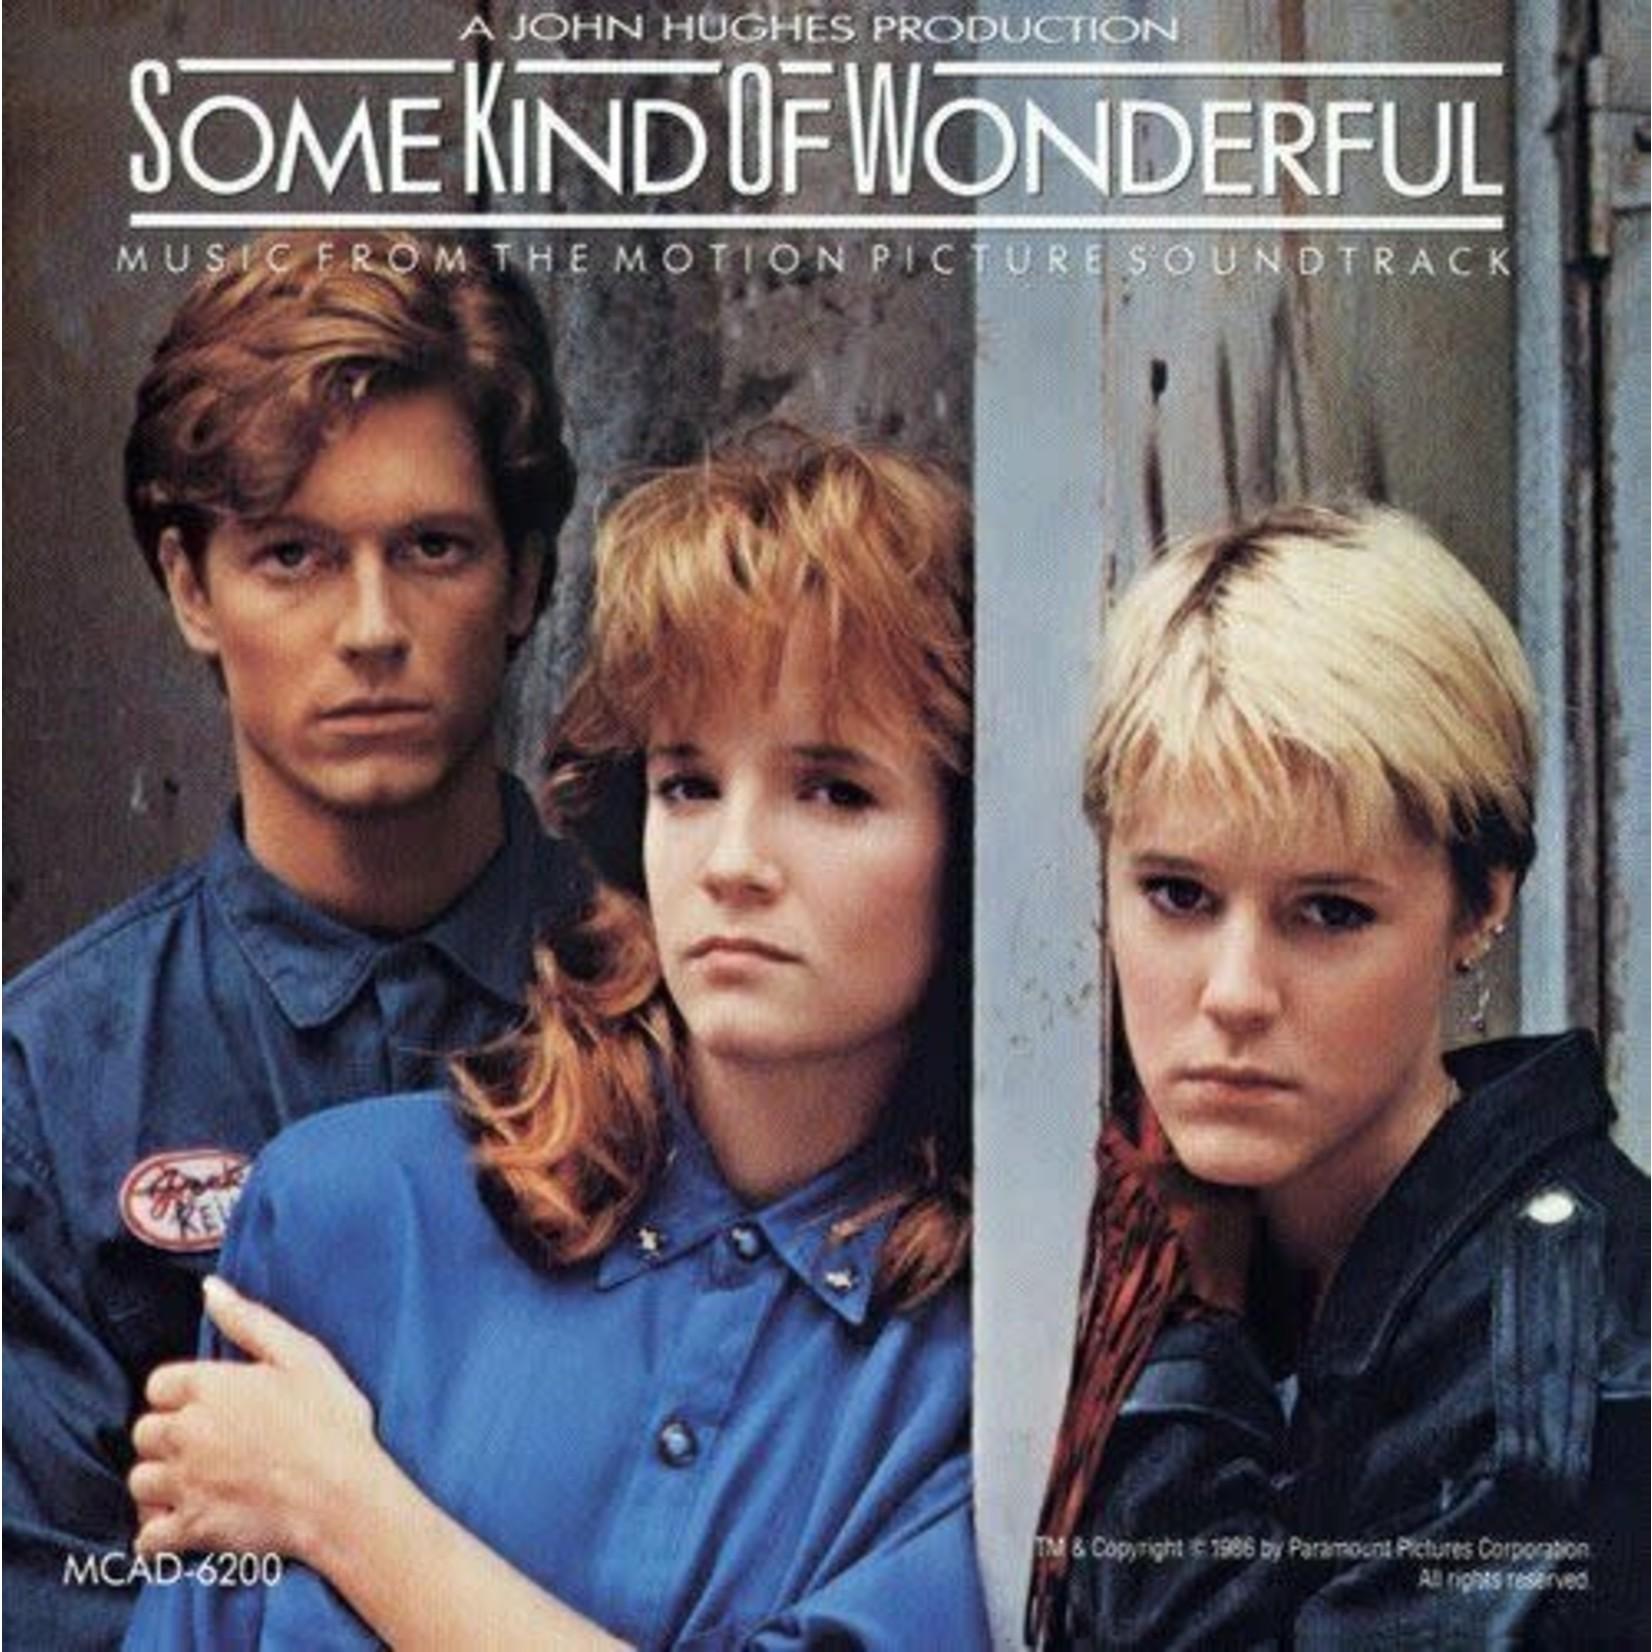 [Vintage] Various: Some Kind of Wonderful (Soundtrack)